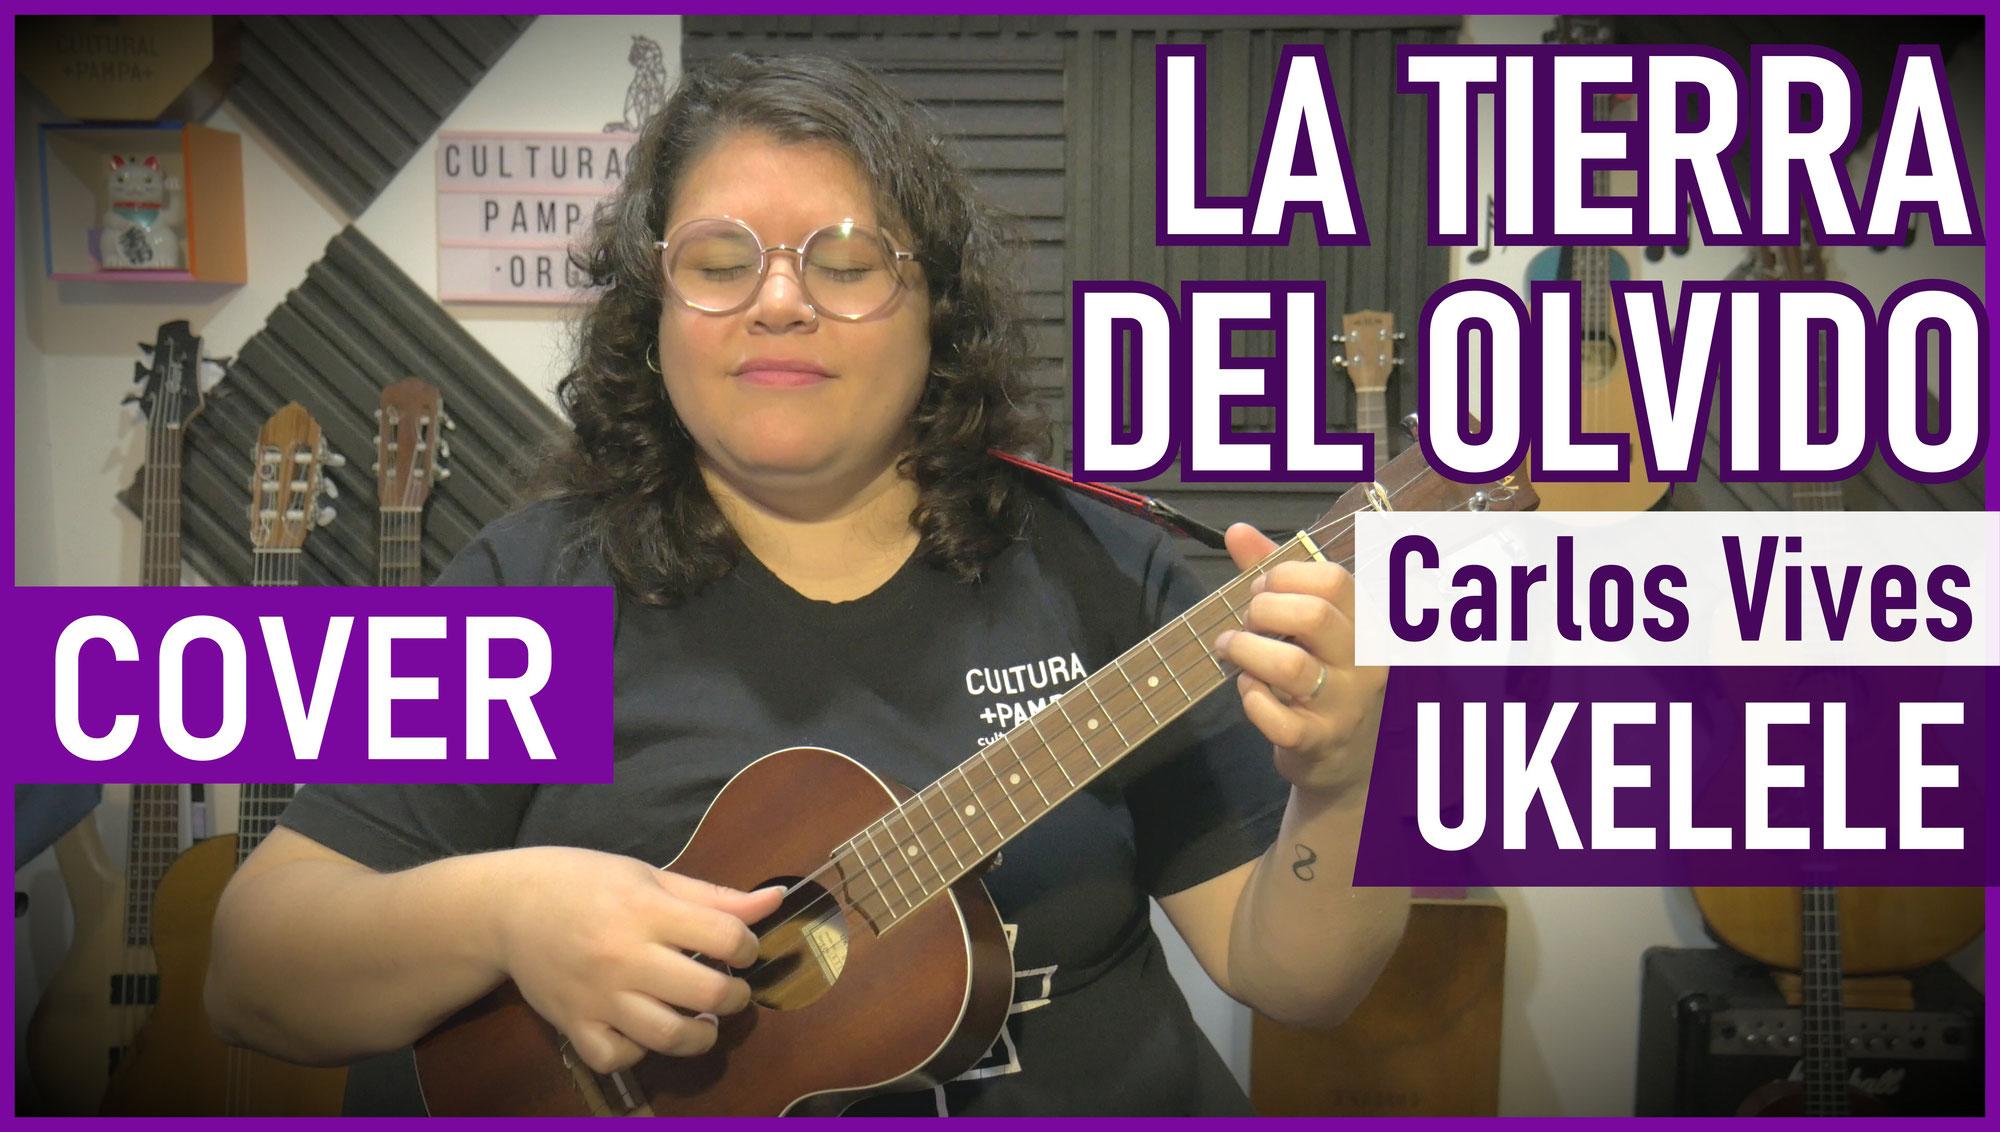 La Tierra Del Olvido (Carlos Vives) | Ukulele Cover